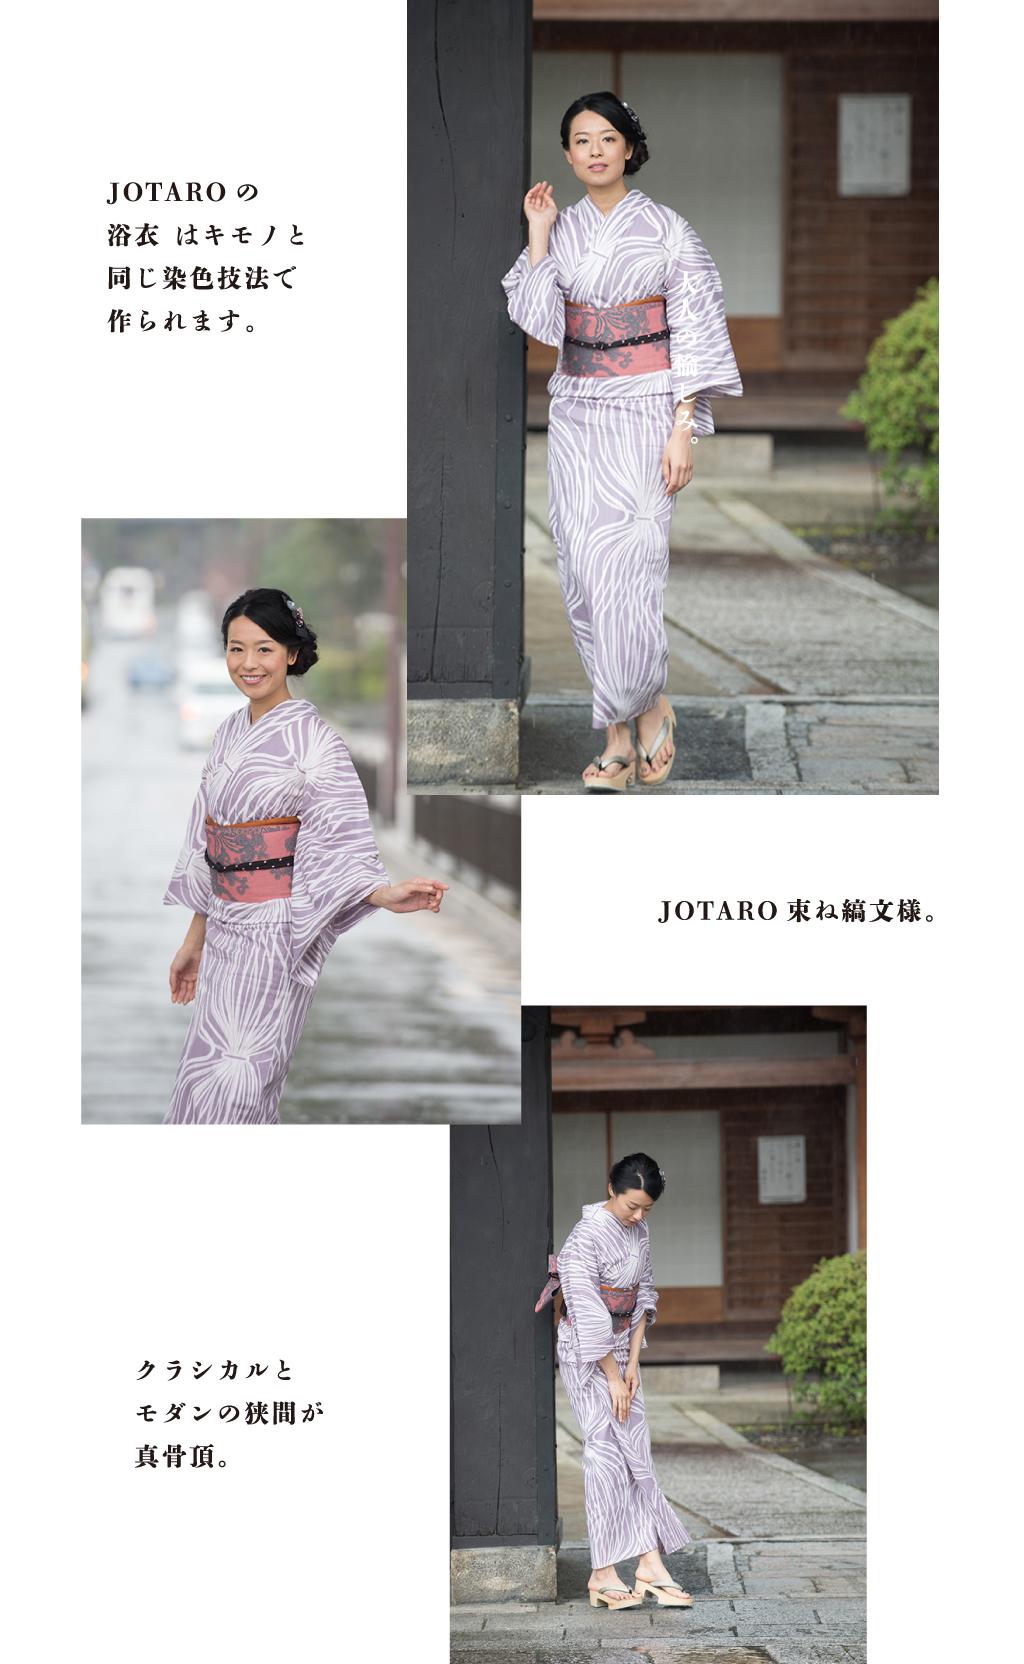 j-magazine-02